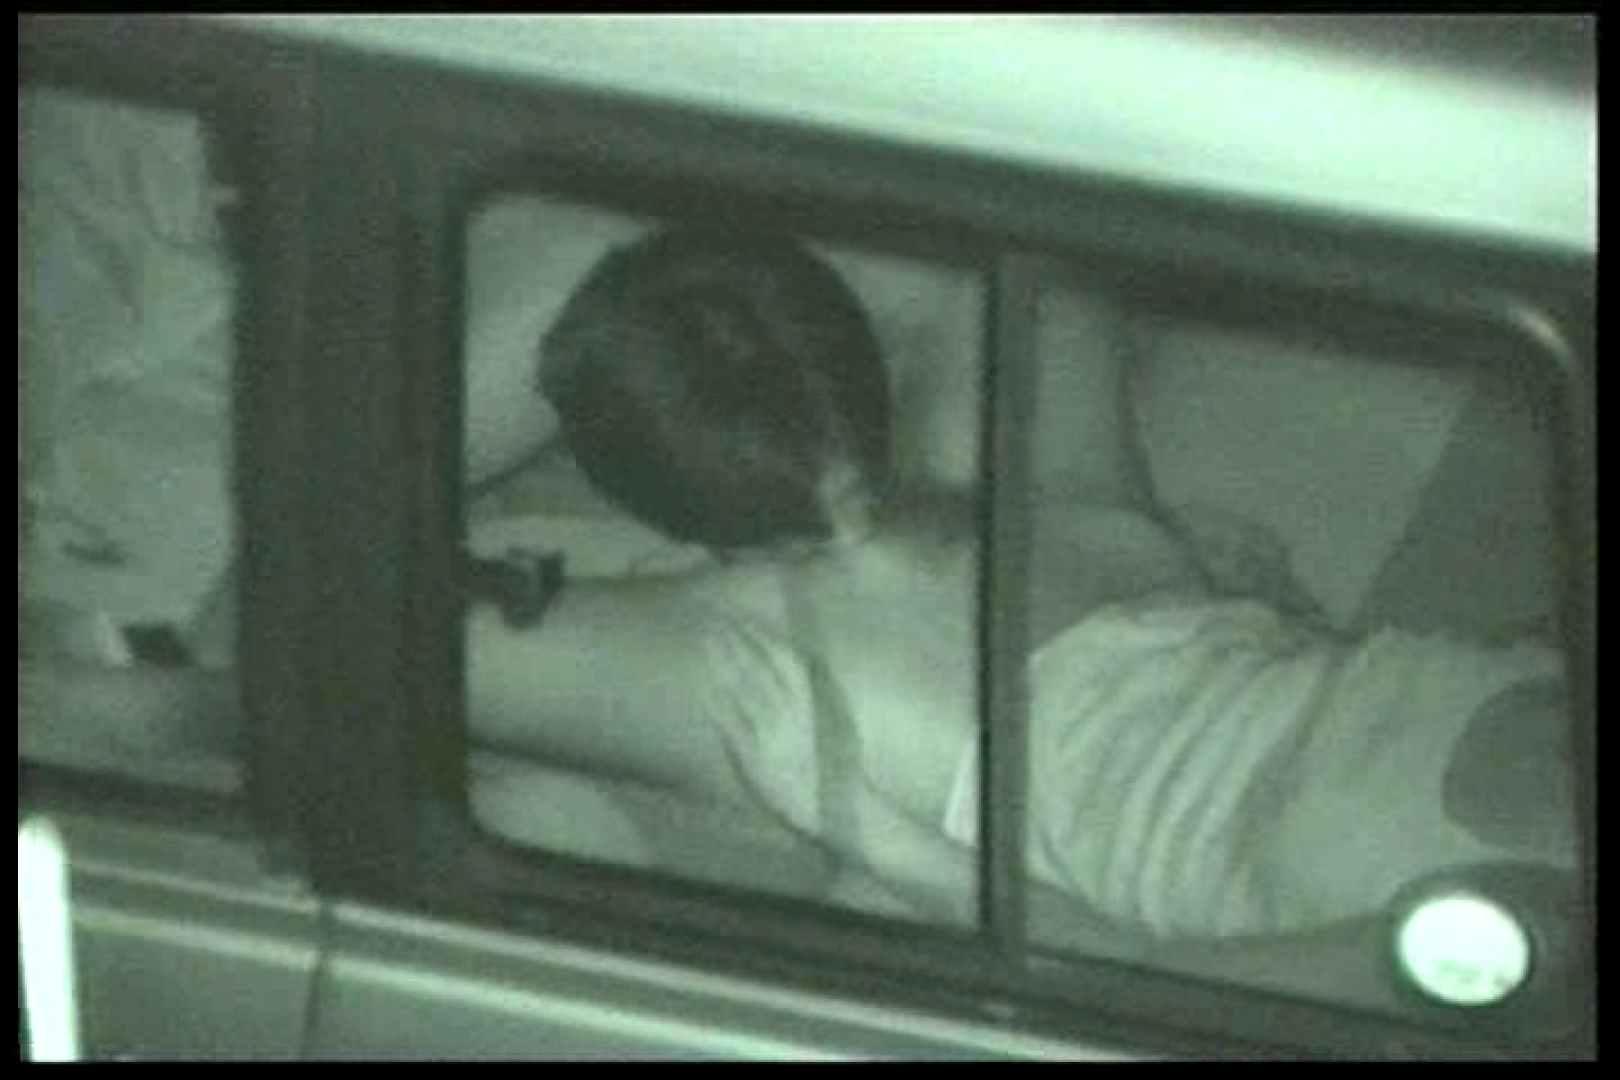 車の中はラブホテル 無修正版  Vol.15 ラブホテル隠し撮り 盗撮動画紹介 77pic 48